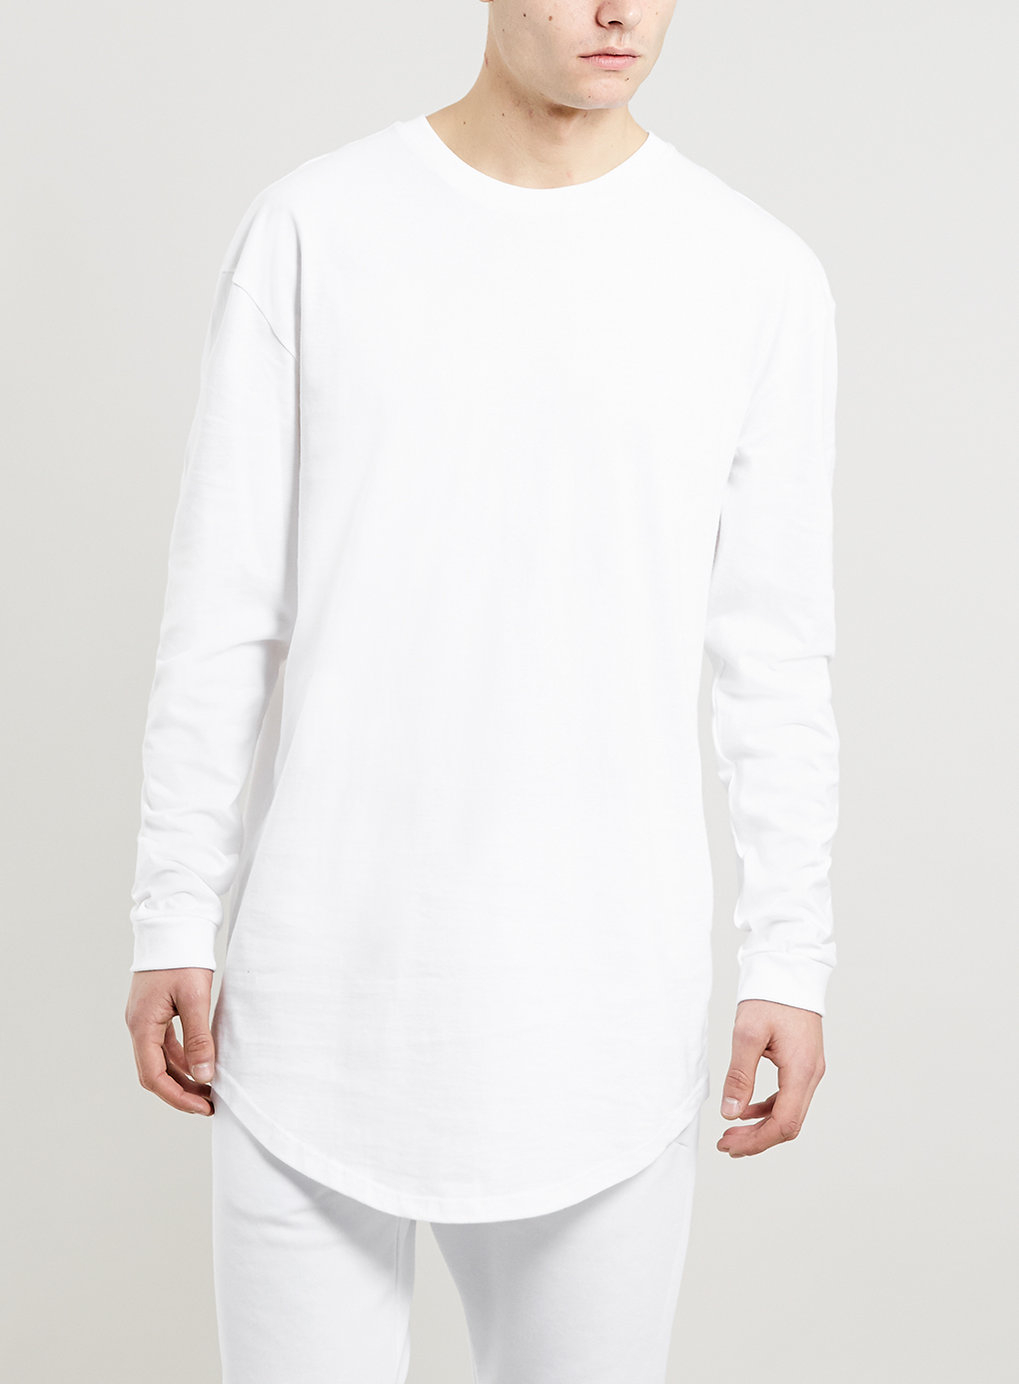 Topman white longer length long sleeve t shirt in white for Long length long sleeve t shirts